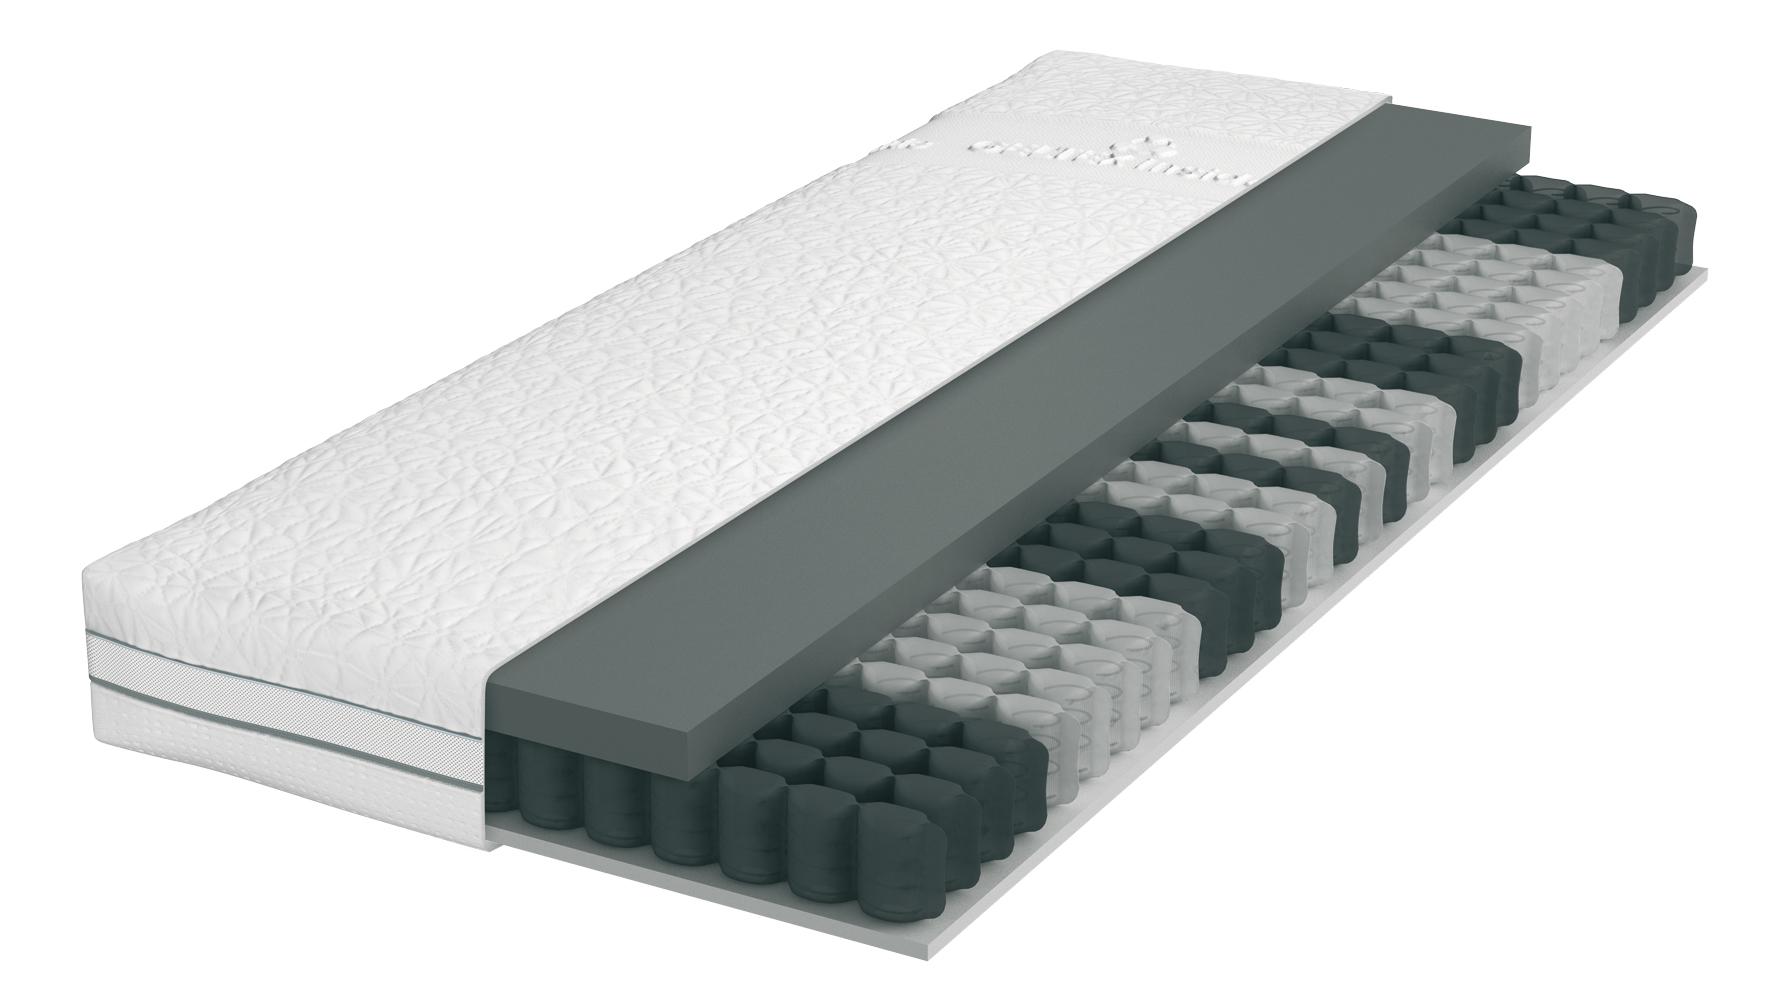 schlaraffia blue z66 tfk geltex inside matratze g nstig kaufen m bel universum. Black Bedroom Furniture Sets. Home Design Ideas